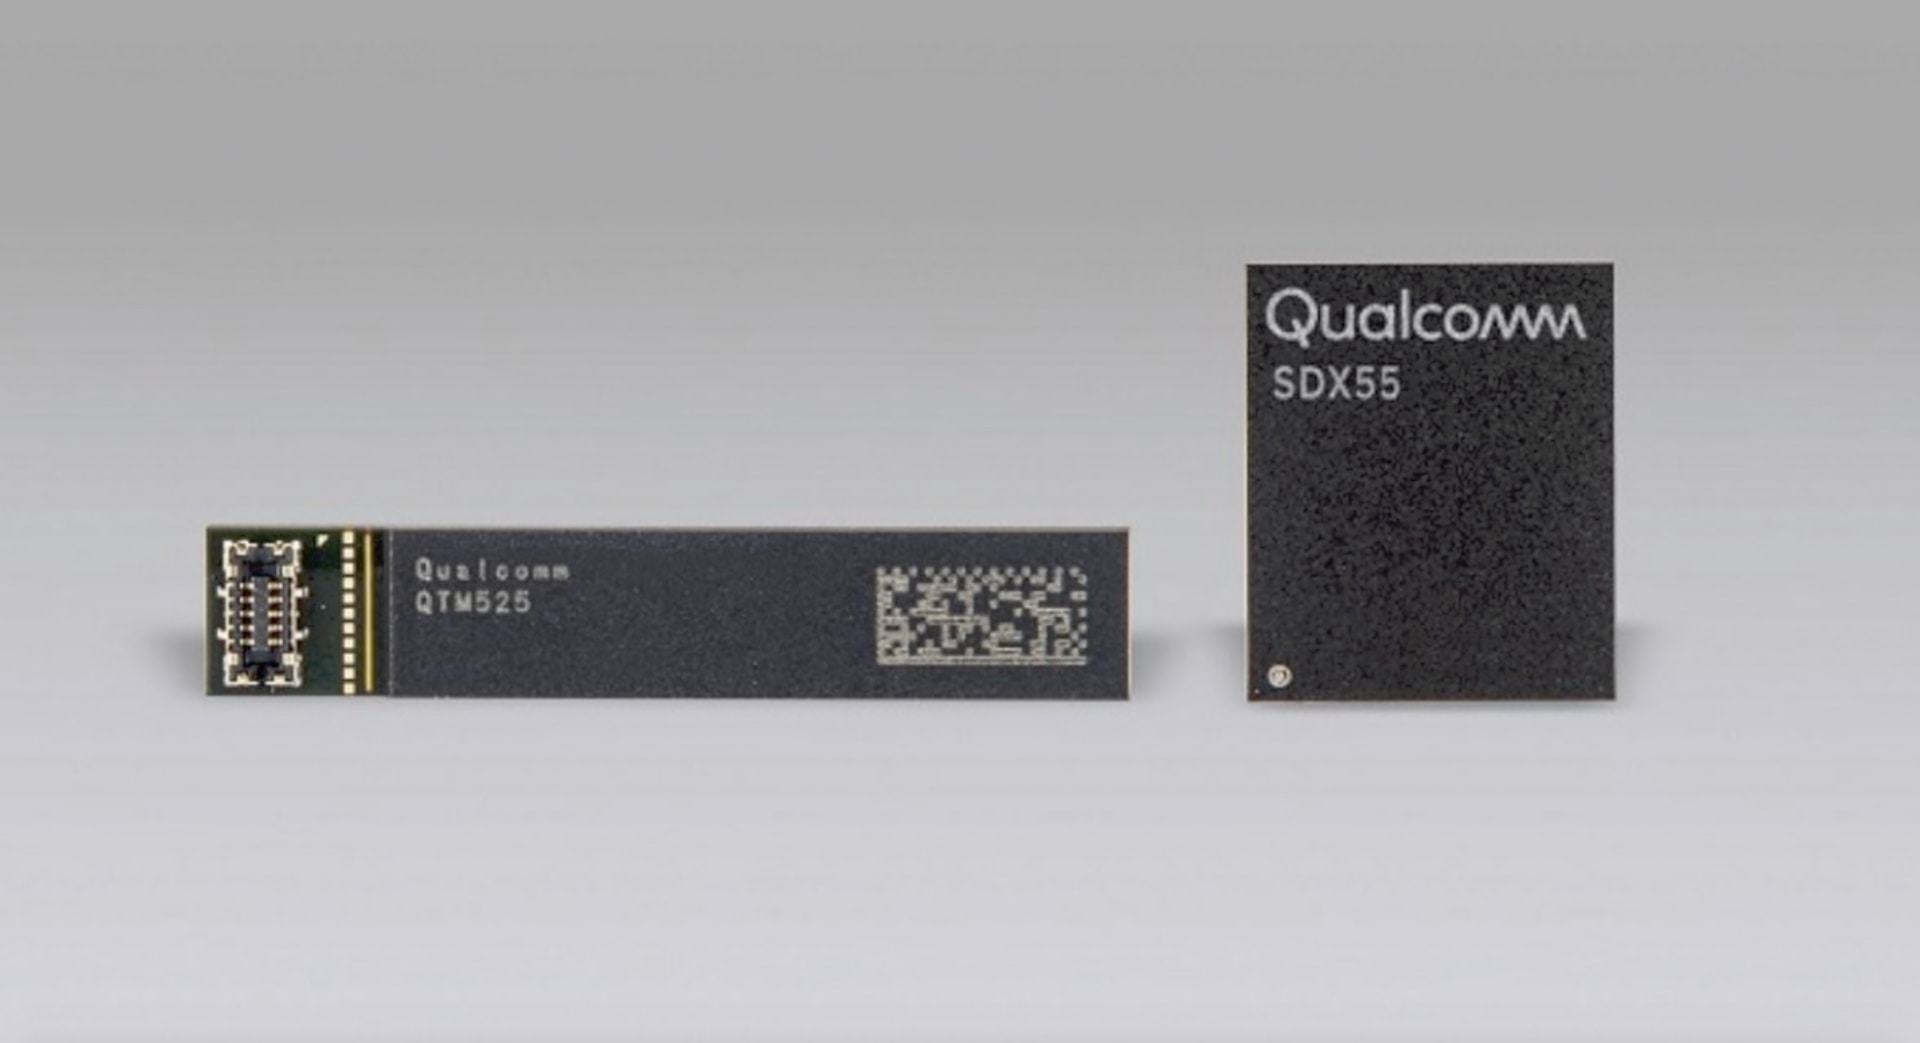 Qualcomm có thể đạt doanh thu 3 tỷ USD nhờ cung cấp linh kiện 5G cho iPhone